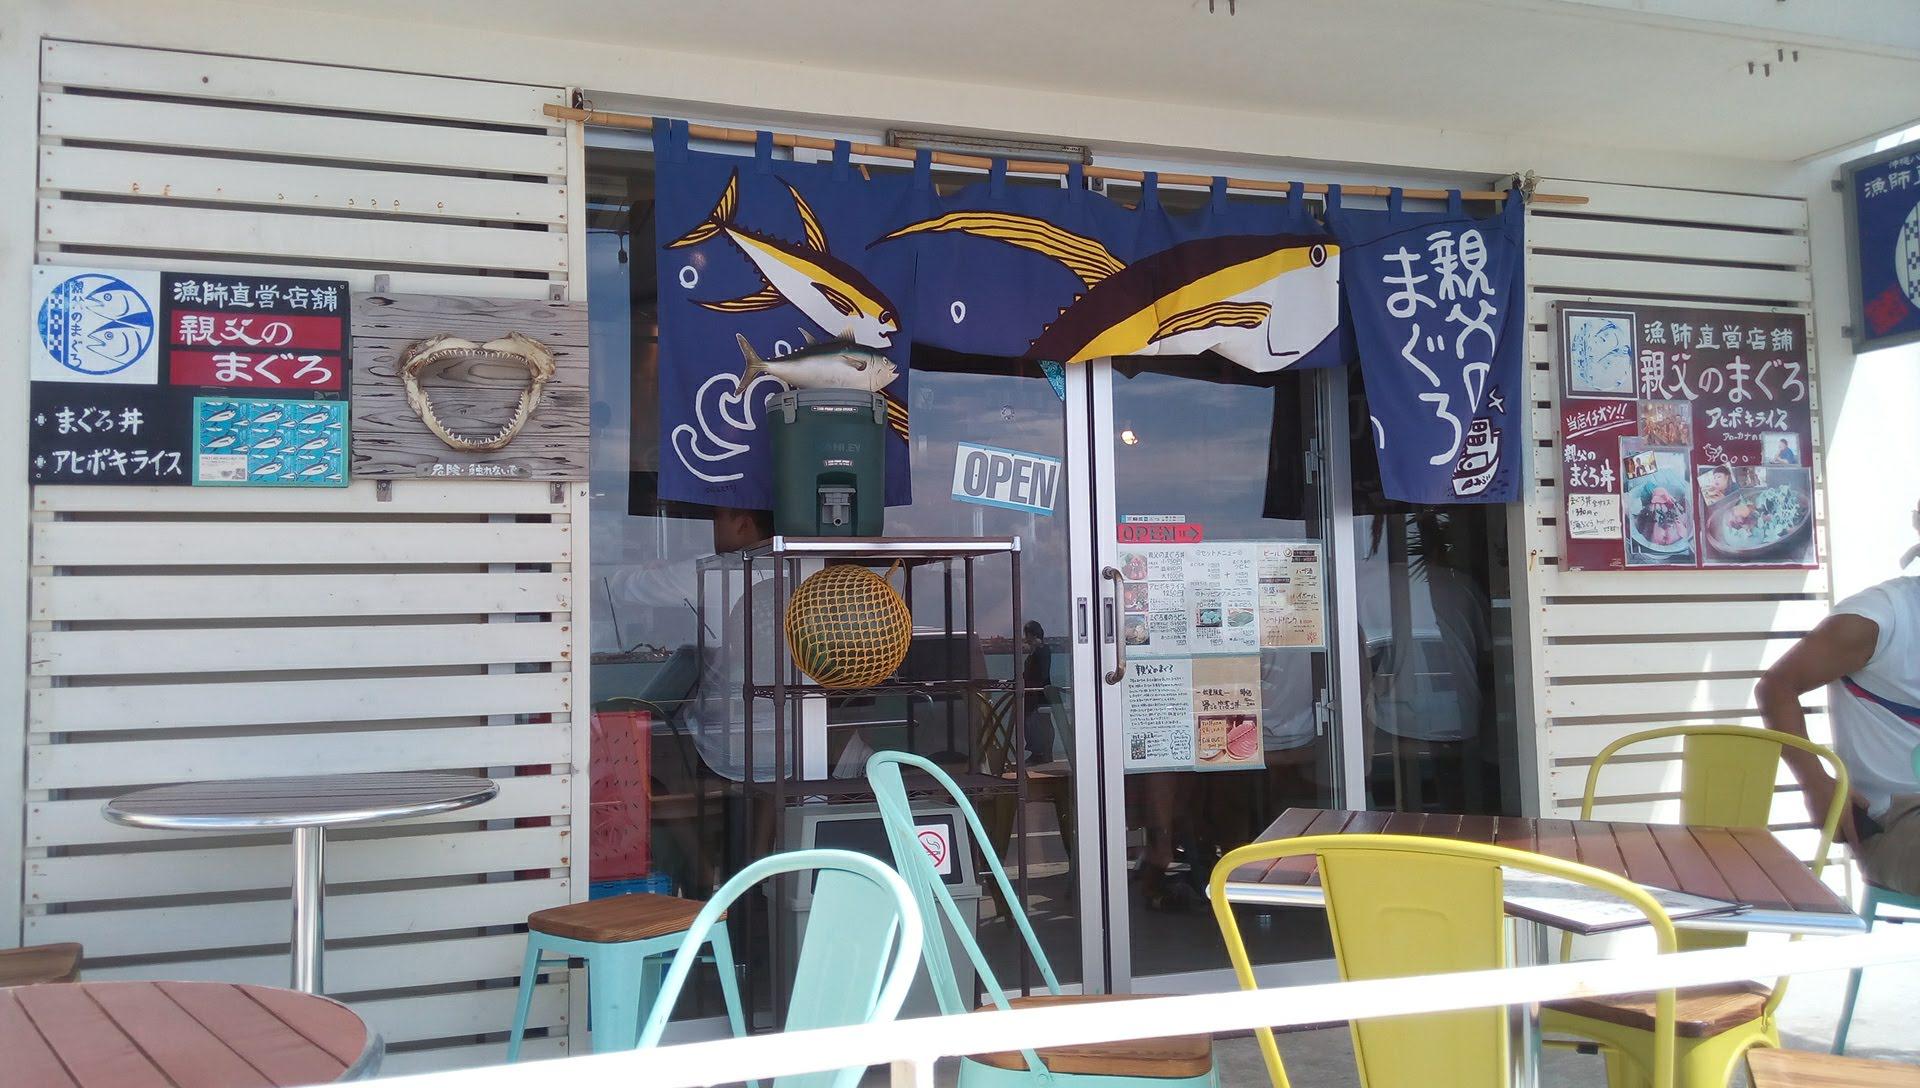 海人の親父が獲った新鮮なまぐろ丼がうまい‼ 瀬永島ウミカジテラスの親父のまぐろ